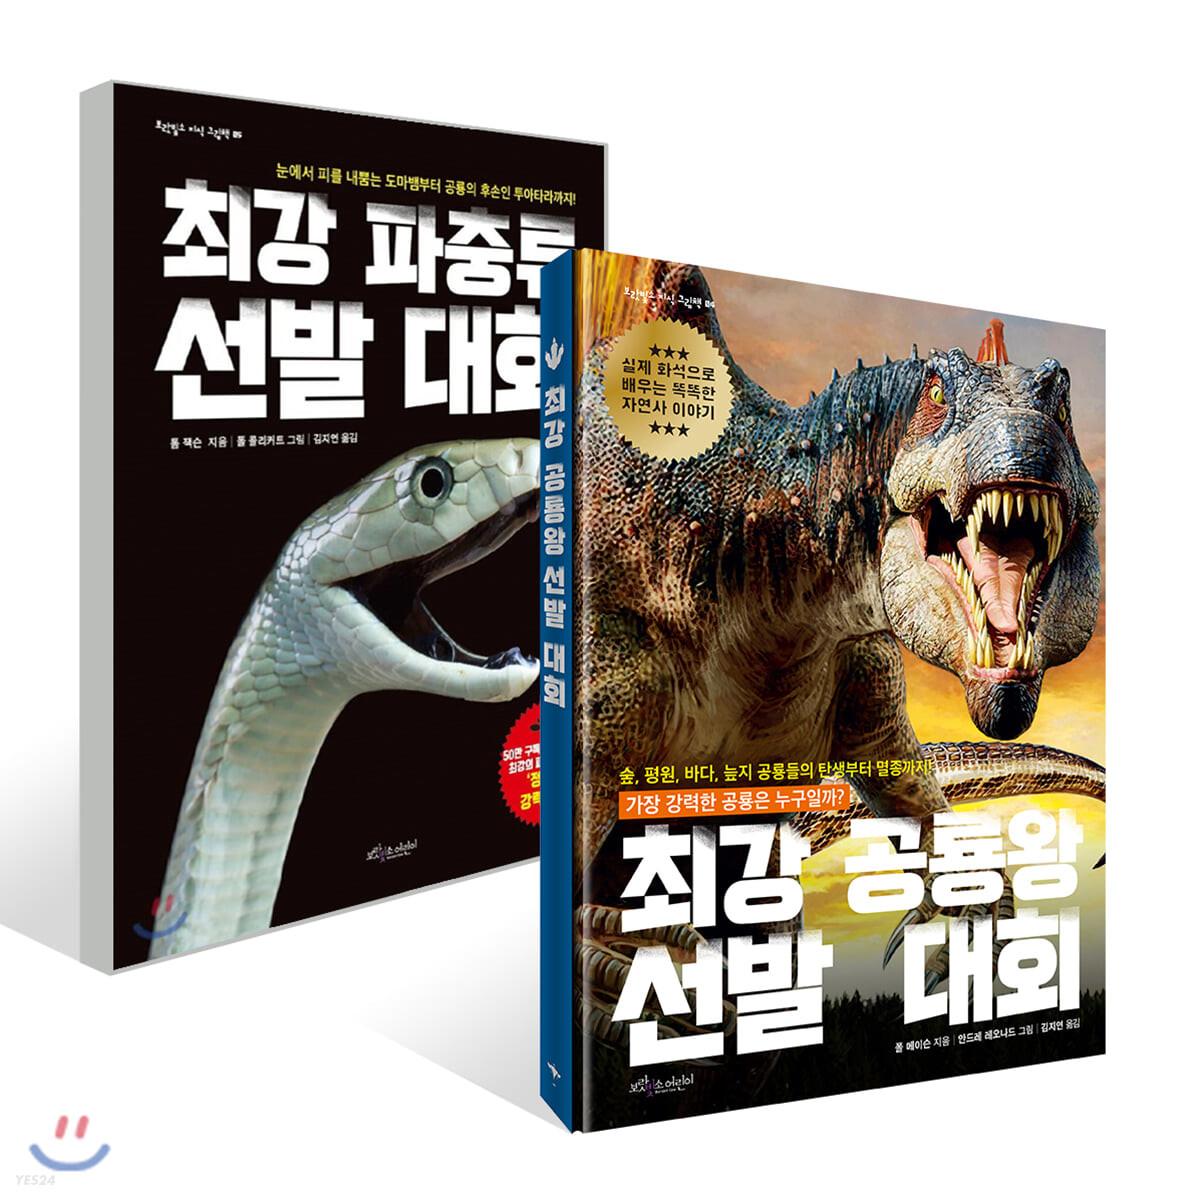 최강 동물 선발 대회 2종 세트: 공룡왕 + 파충류